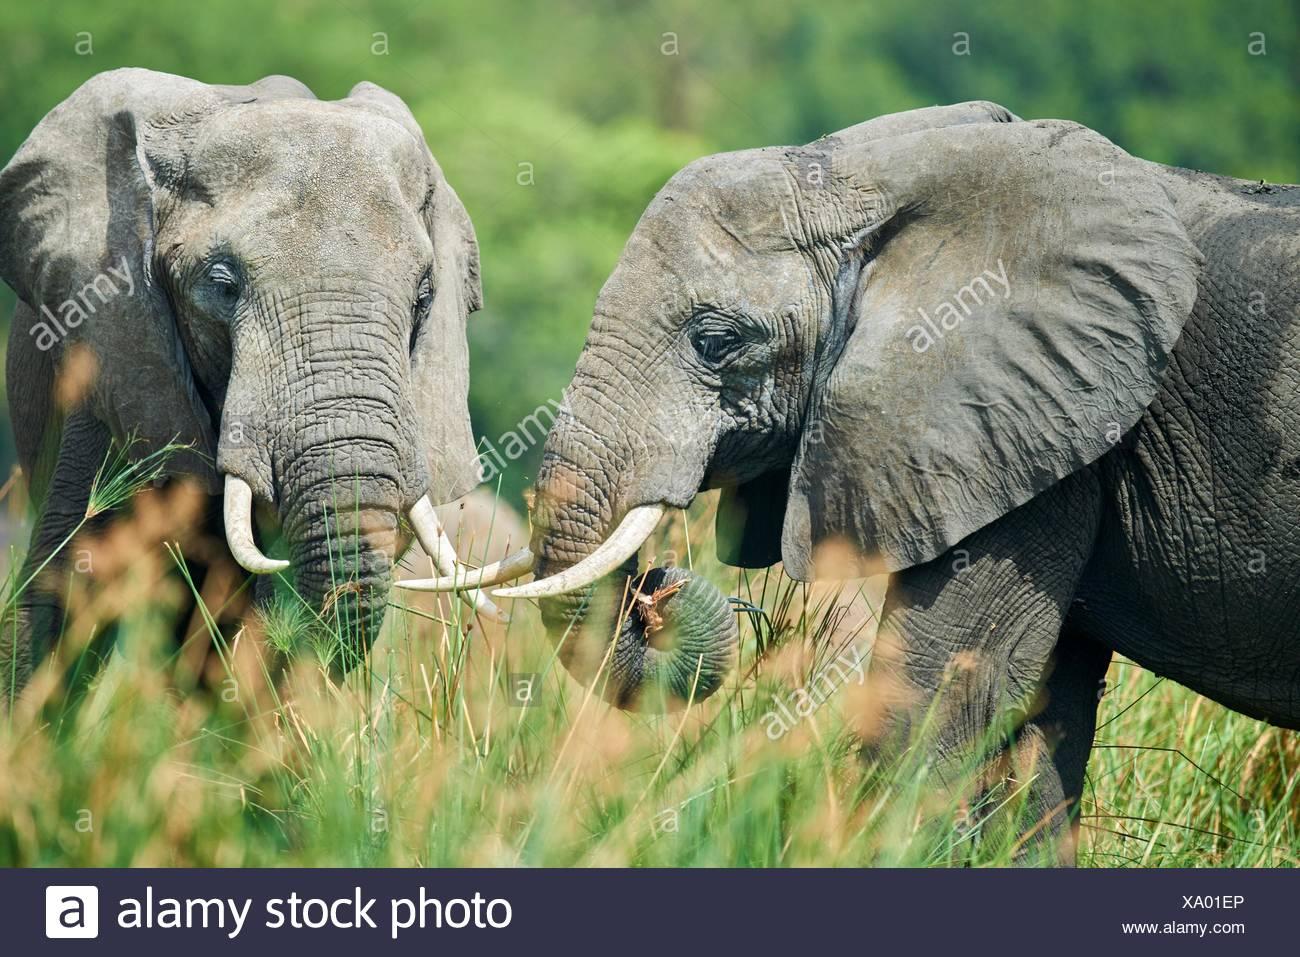 L'éléphant africain (Loxodonta africana) se nourrissent de la végétation. Murchisson Falls National Park, de l'Ouganda. Photo Stock